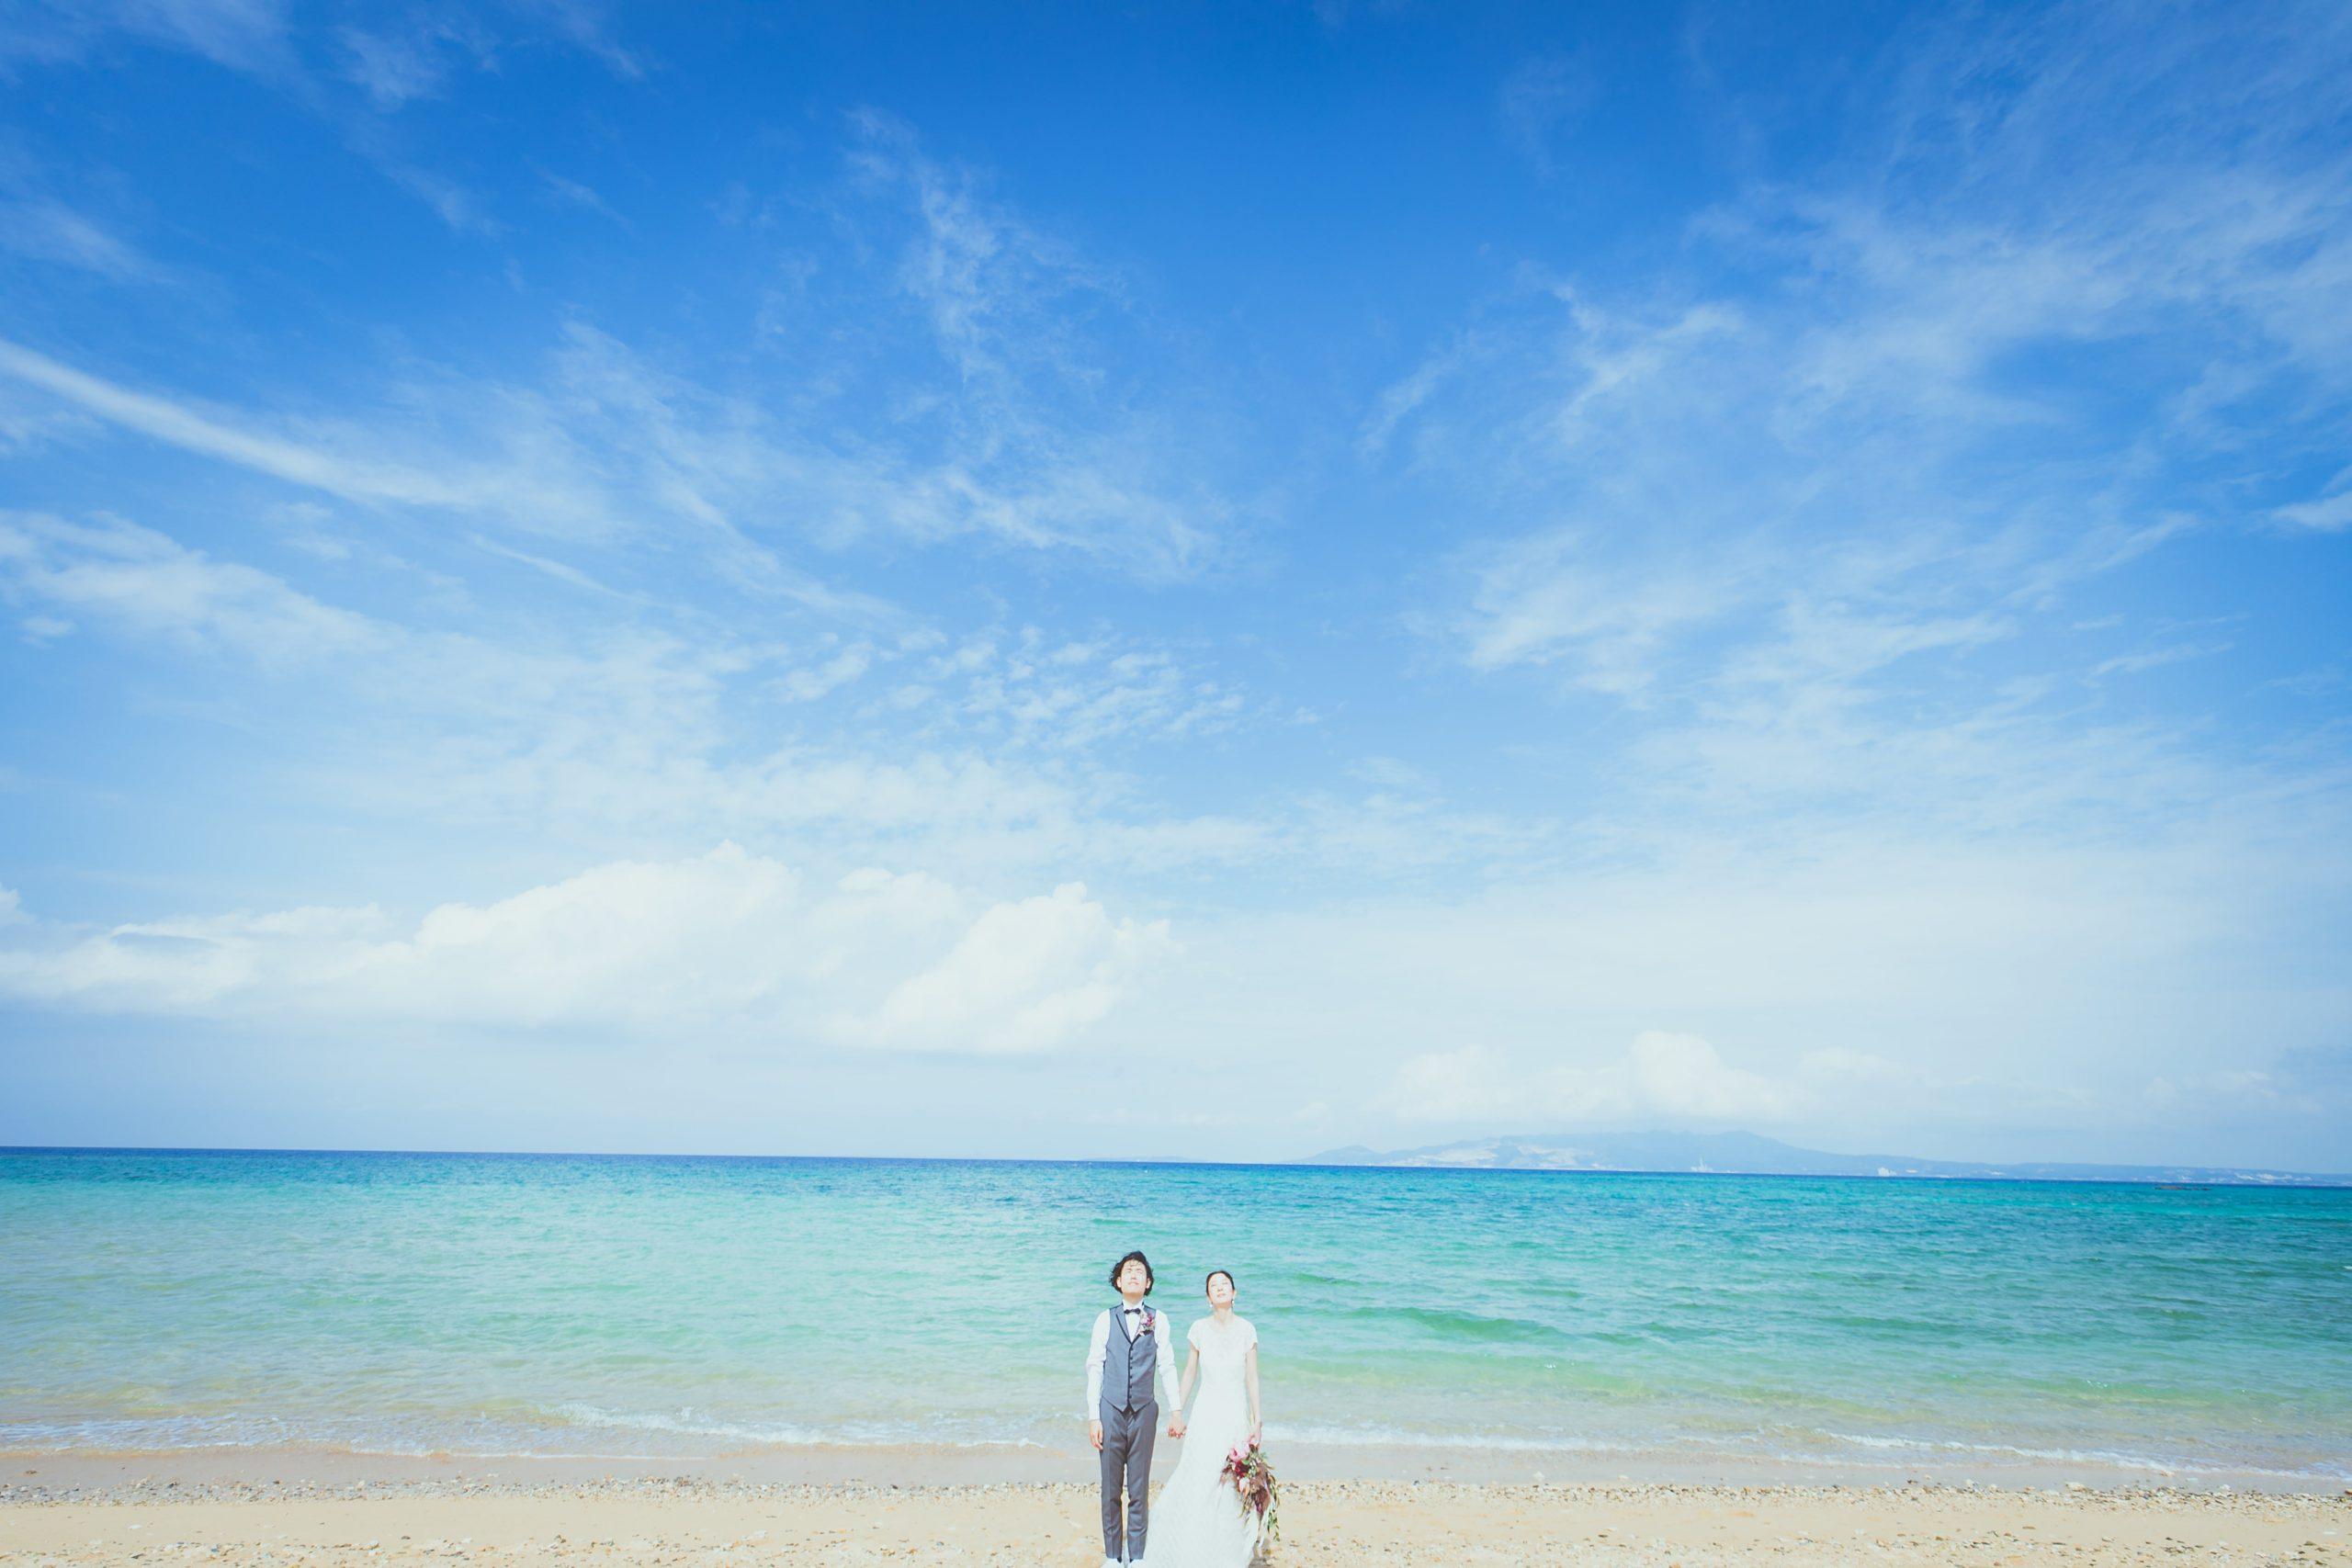 沖縄の青い海でのフォトウェディング